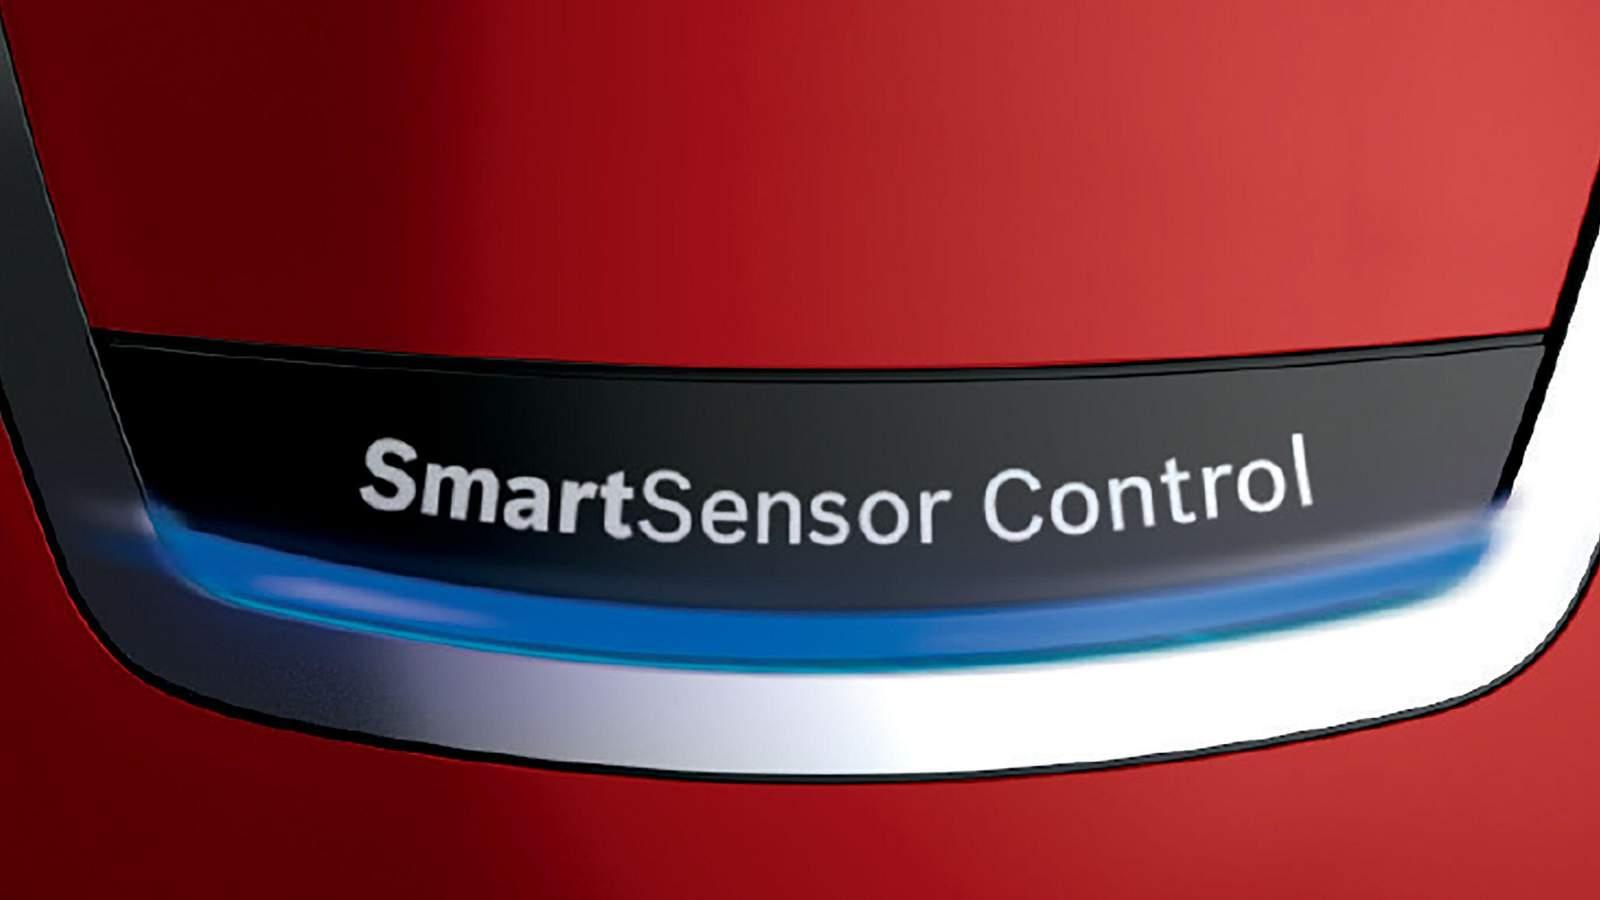 SmartSensor Control